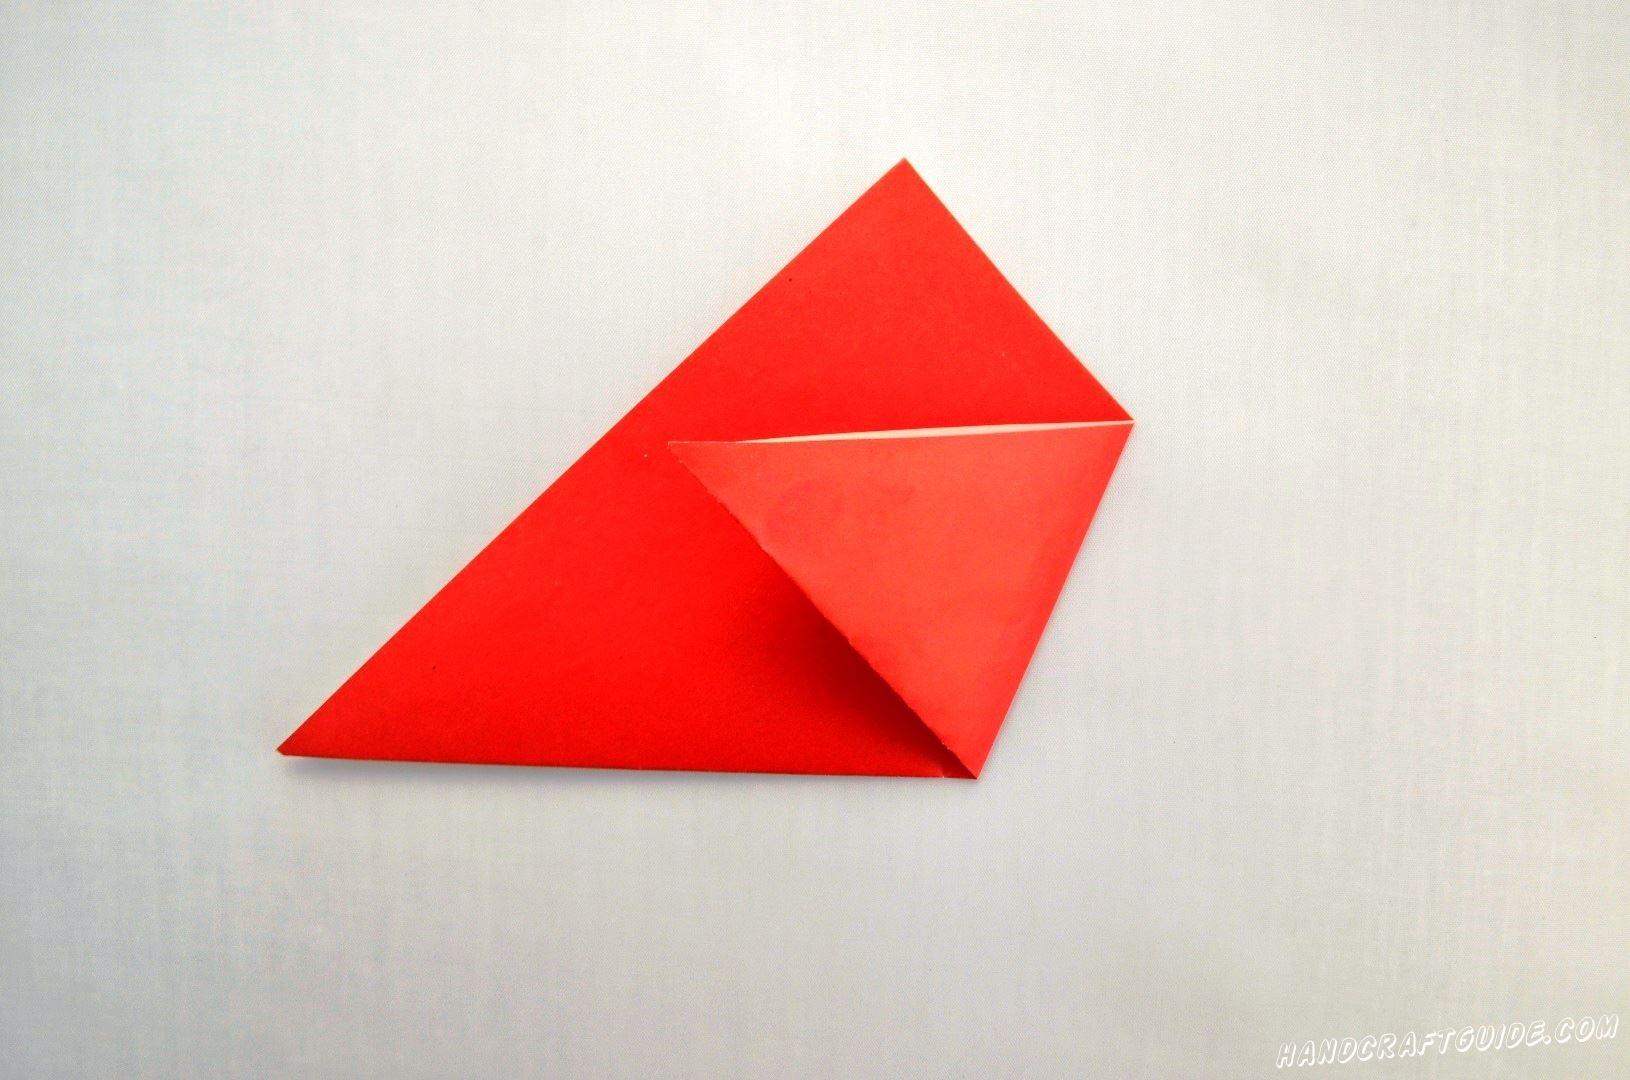 Затем загибаем два дальних угла нашего треугольника к центру